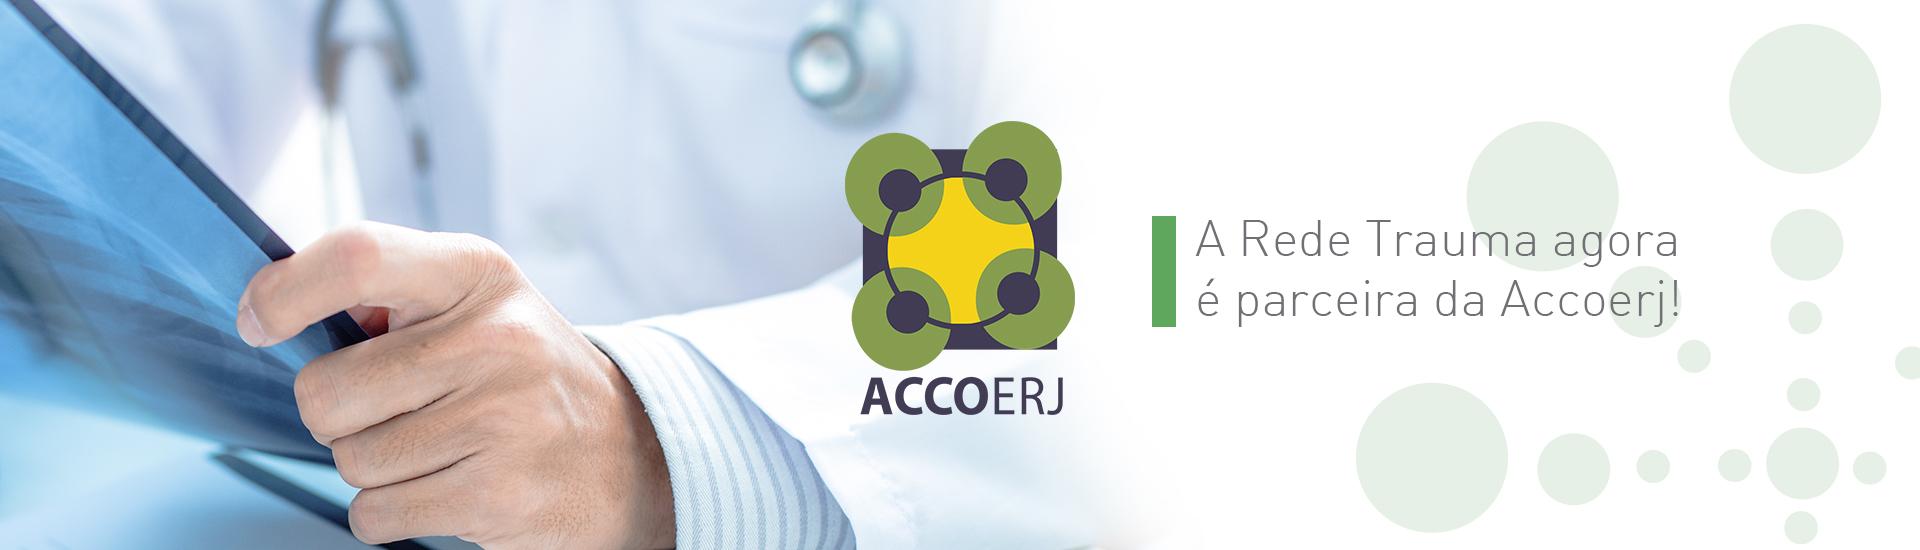 accoerj